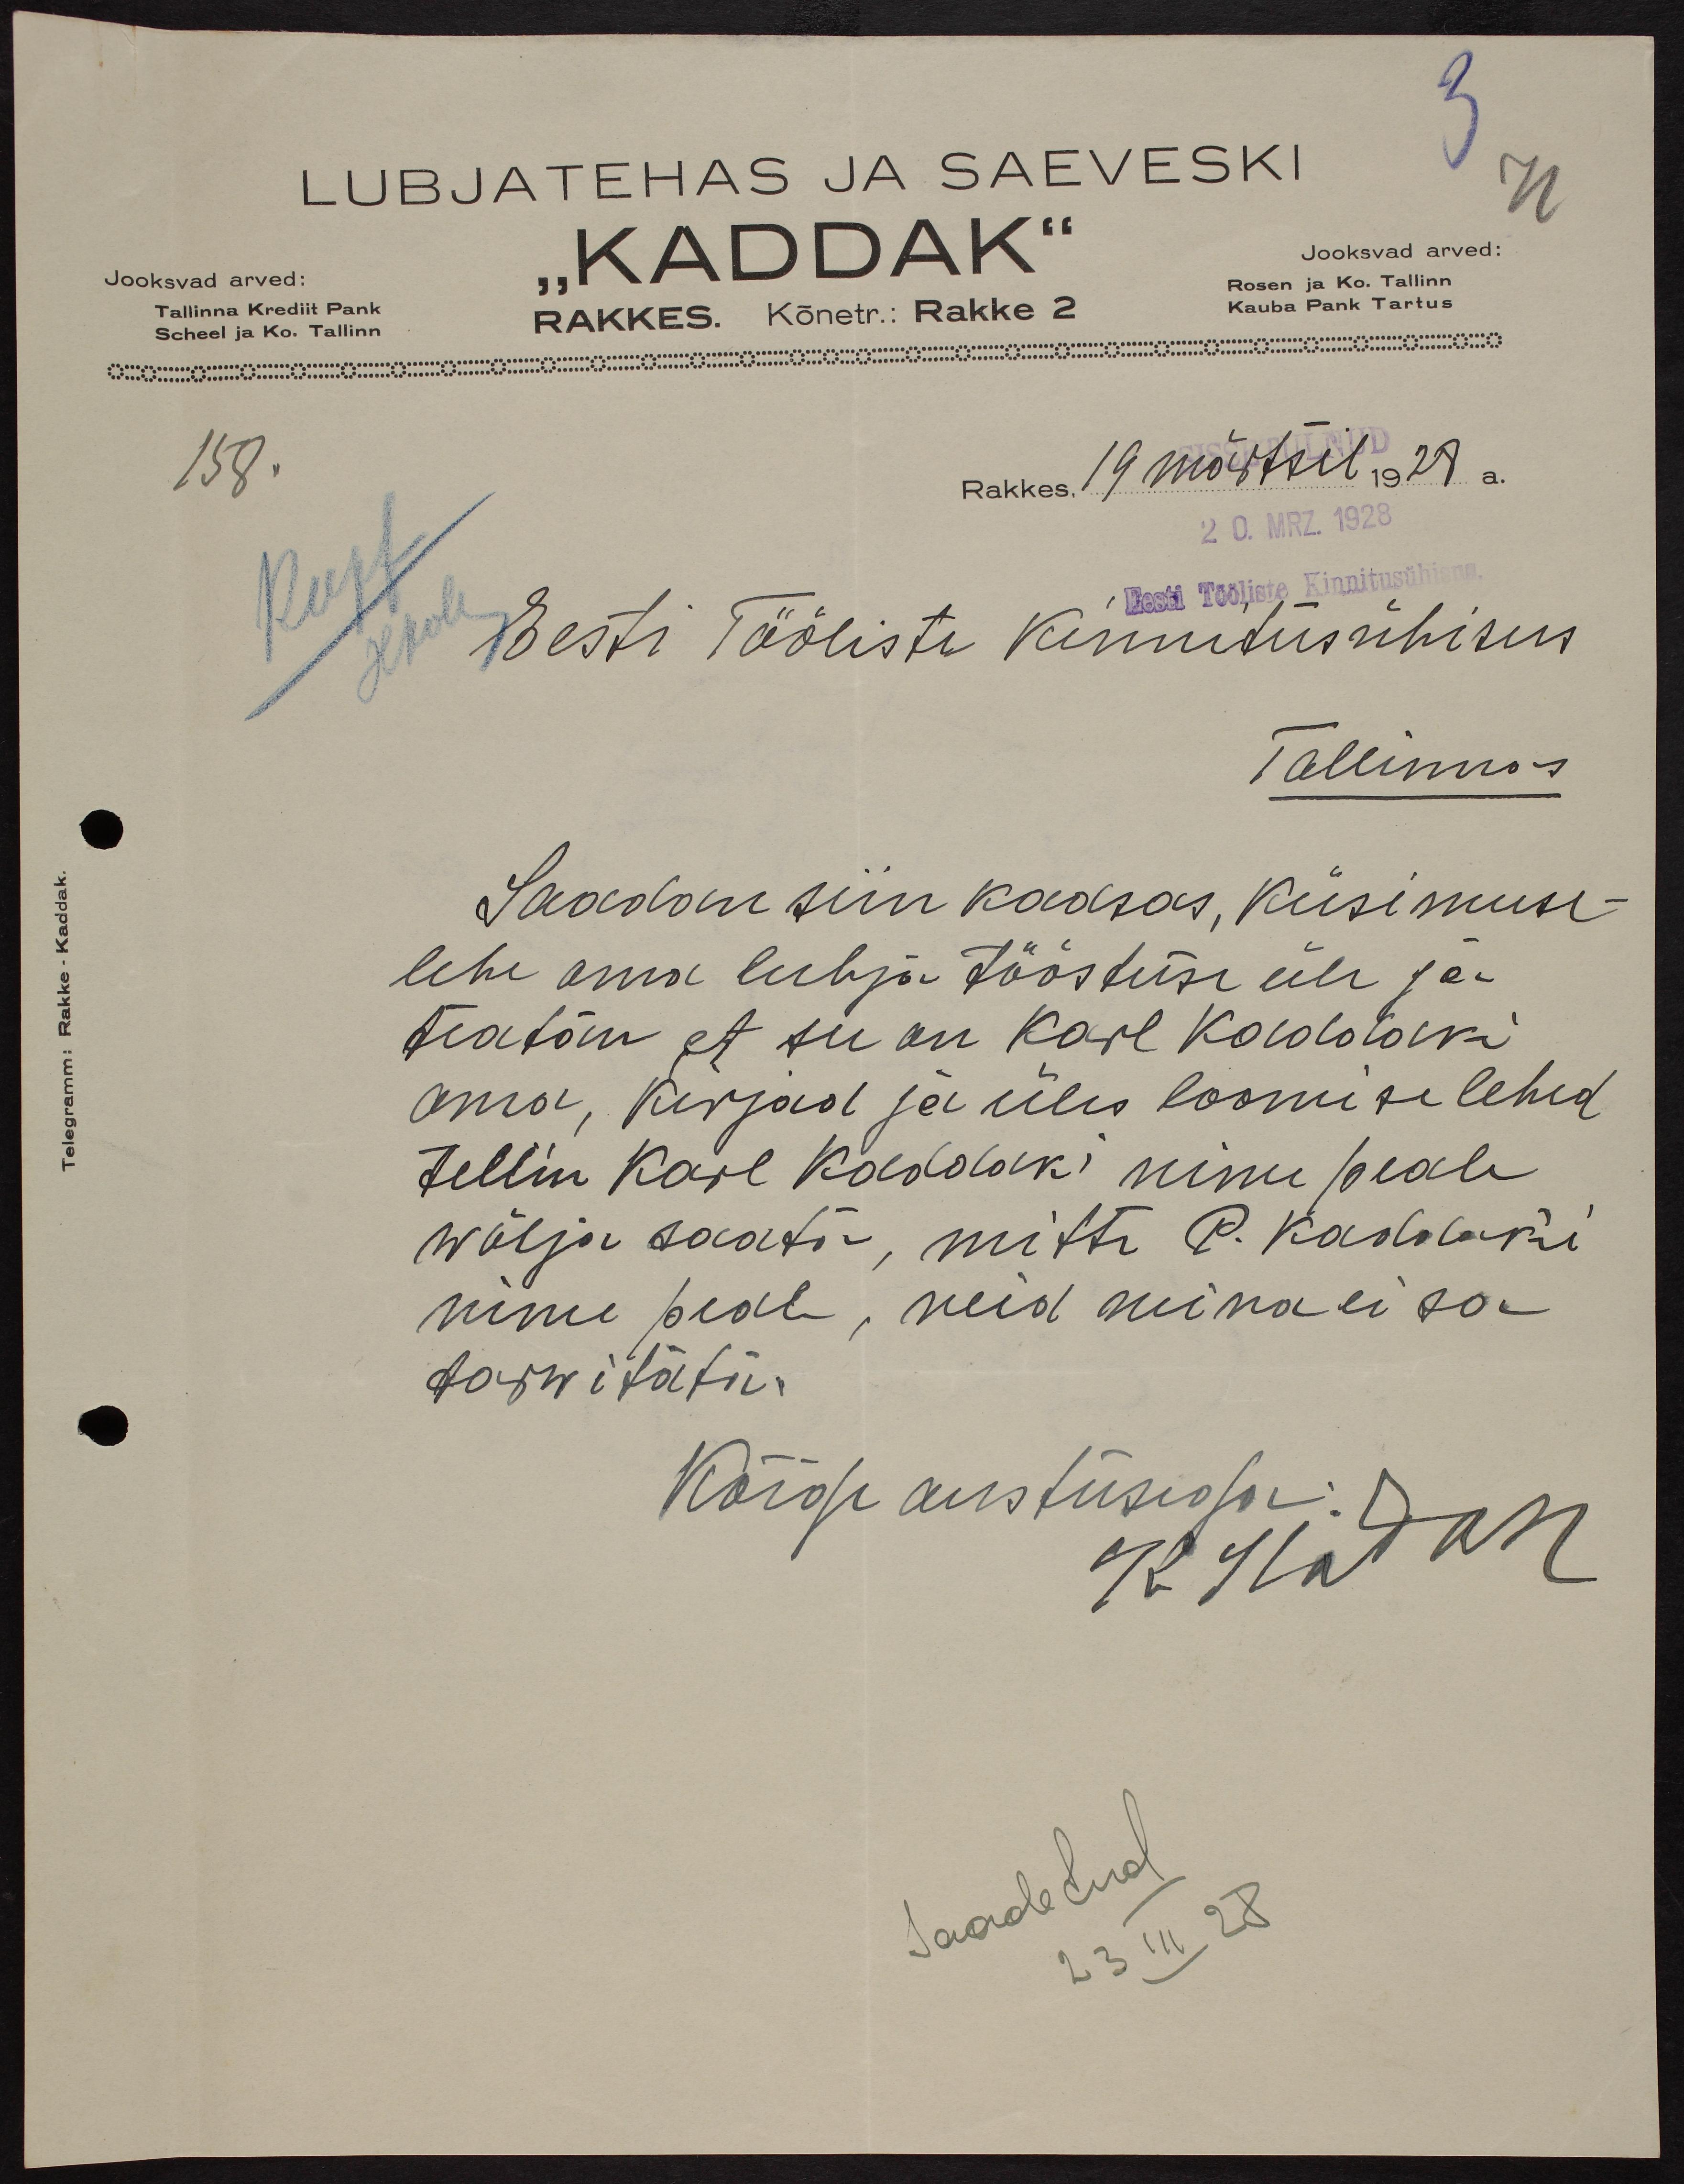 Karl Kaddaku kiri Eesti Tööliste Kindlustusühingule, 1928. ERA.842.1.1398